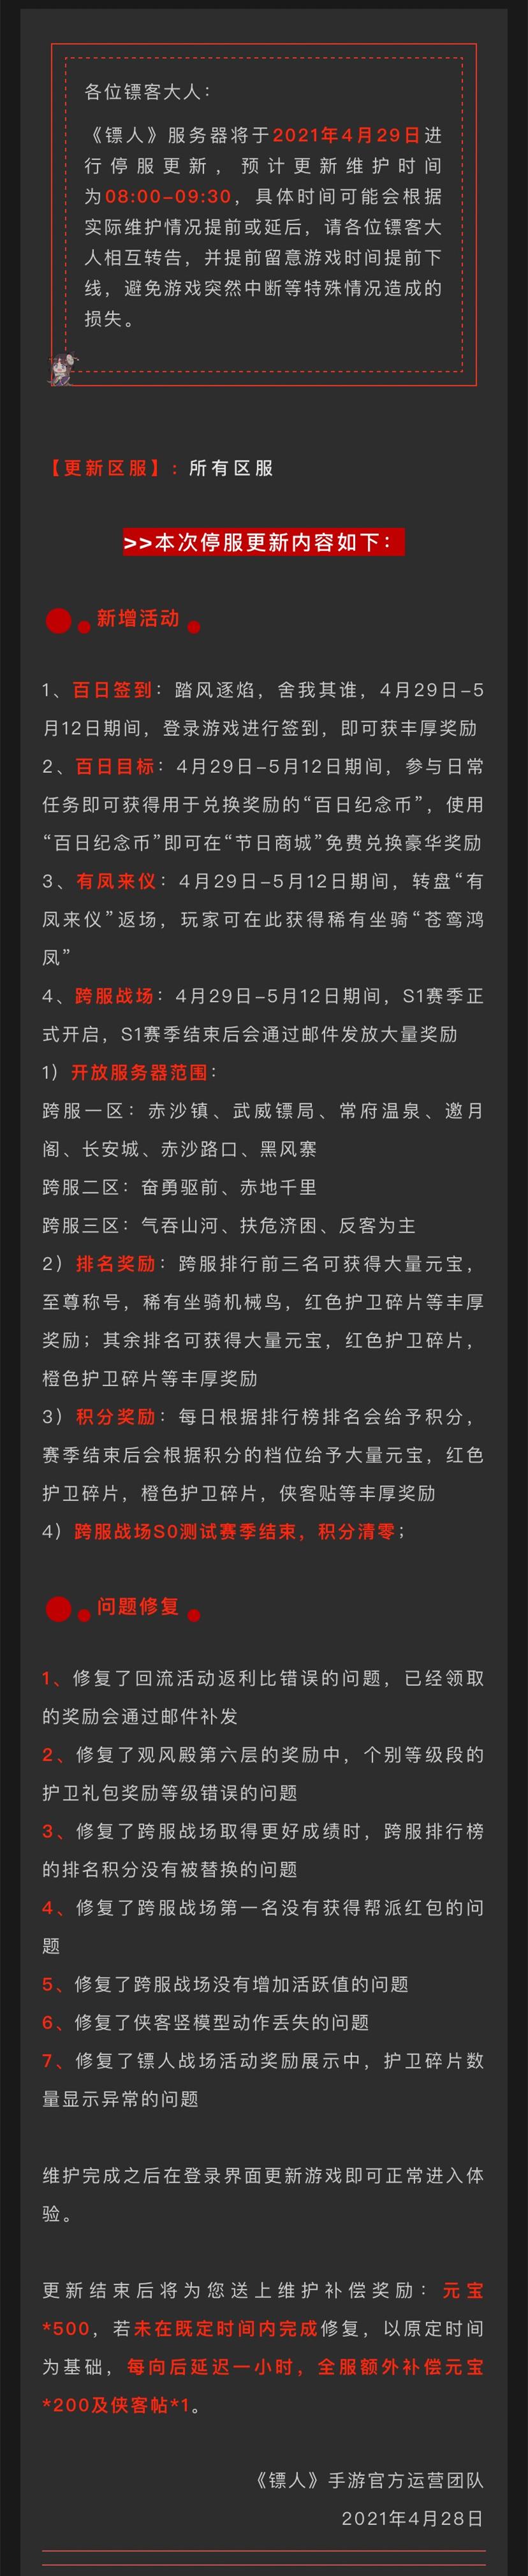 更新公告| 苍鸾鸿凤返场,跨服战场S1赛季开启!